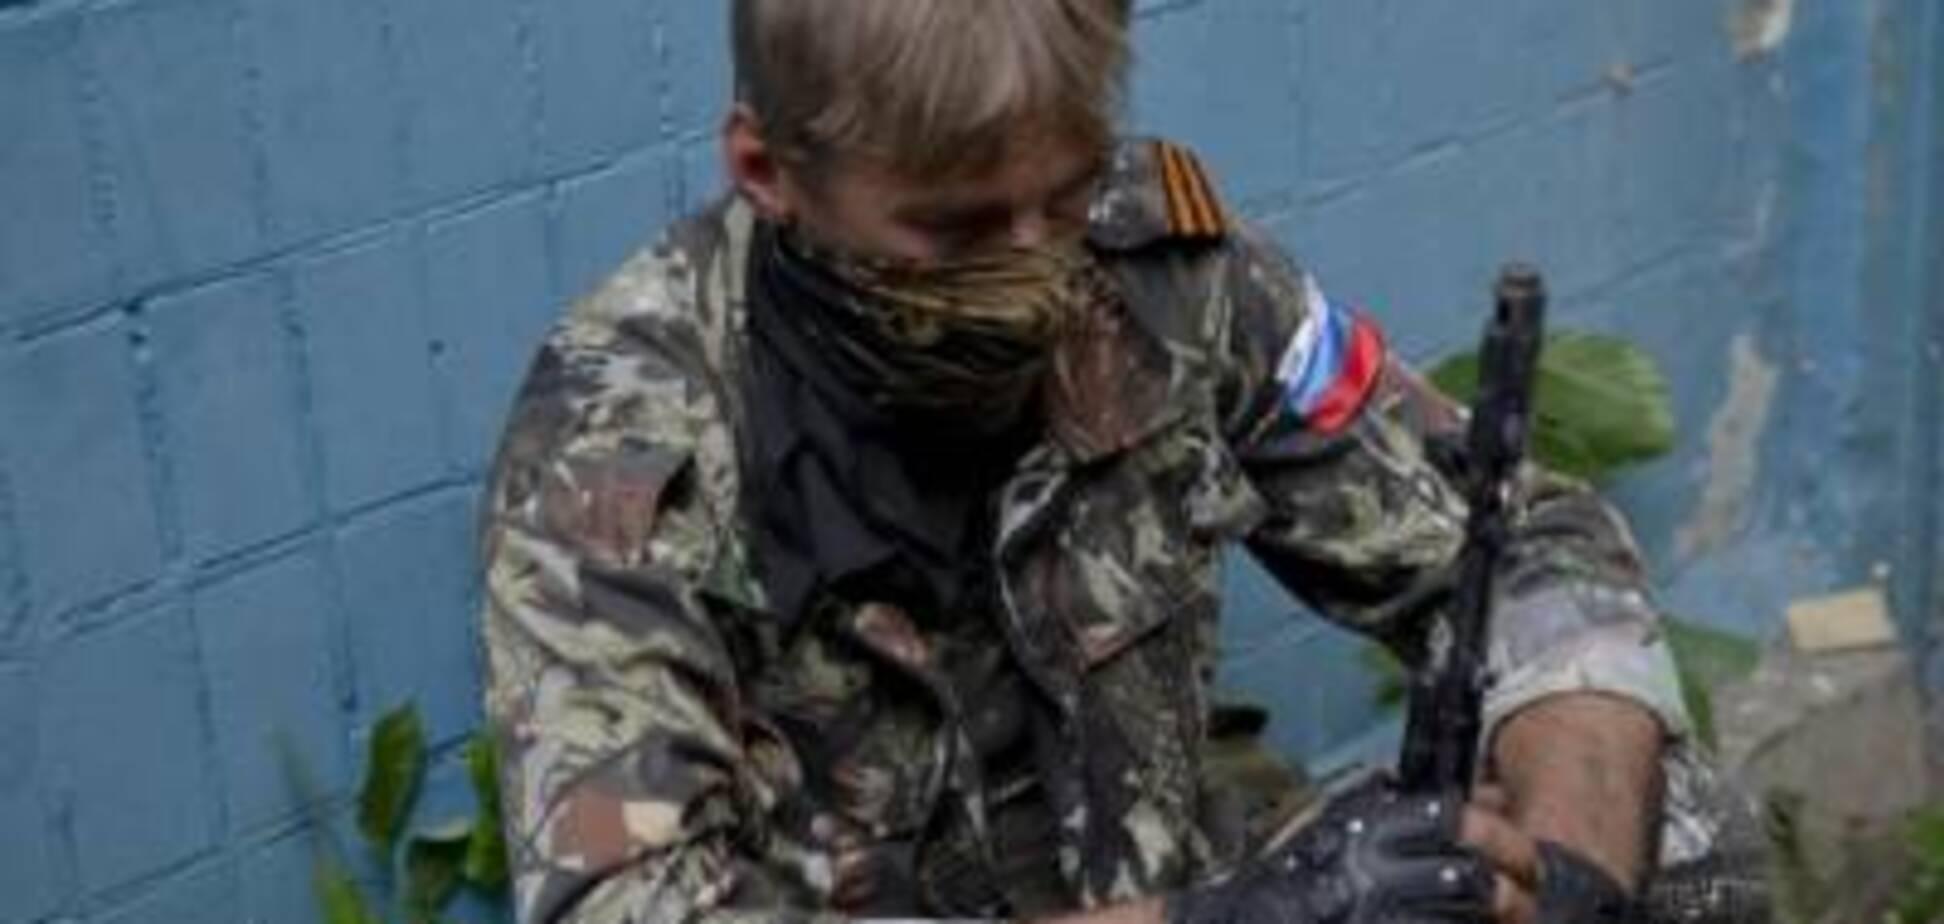 Ноги по 40$, или Как Россия помогает 'военам'. Реалии оккупации